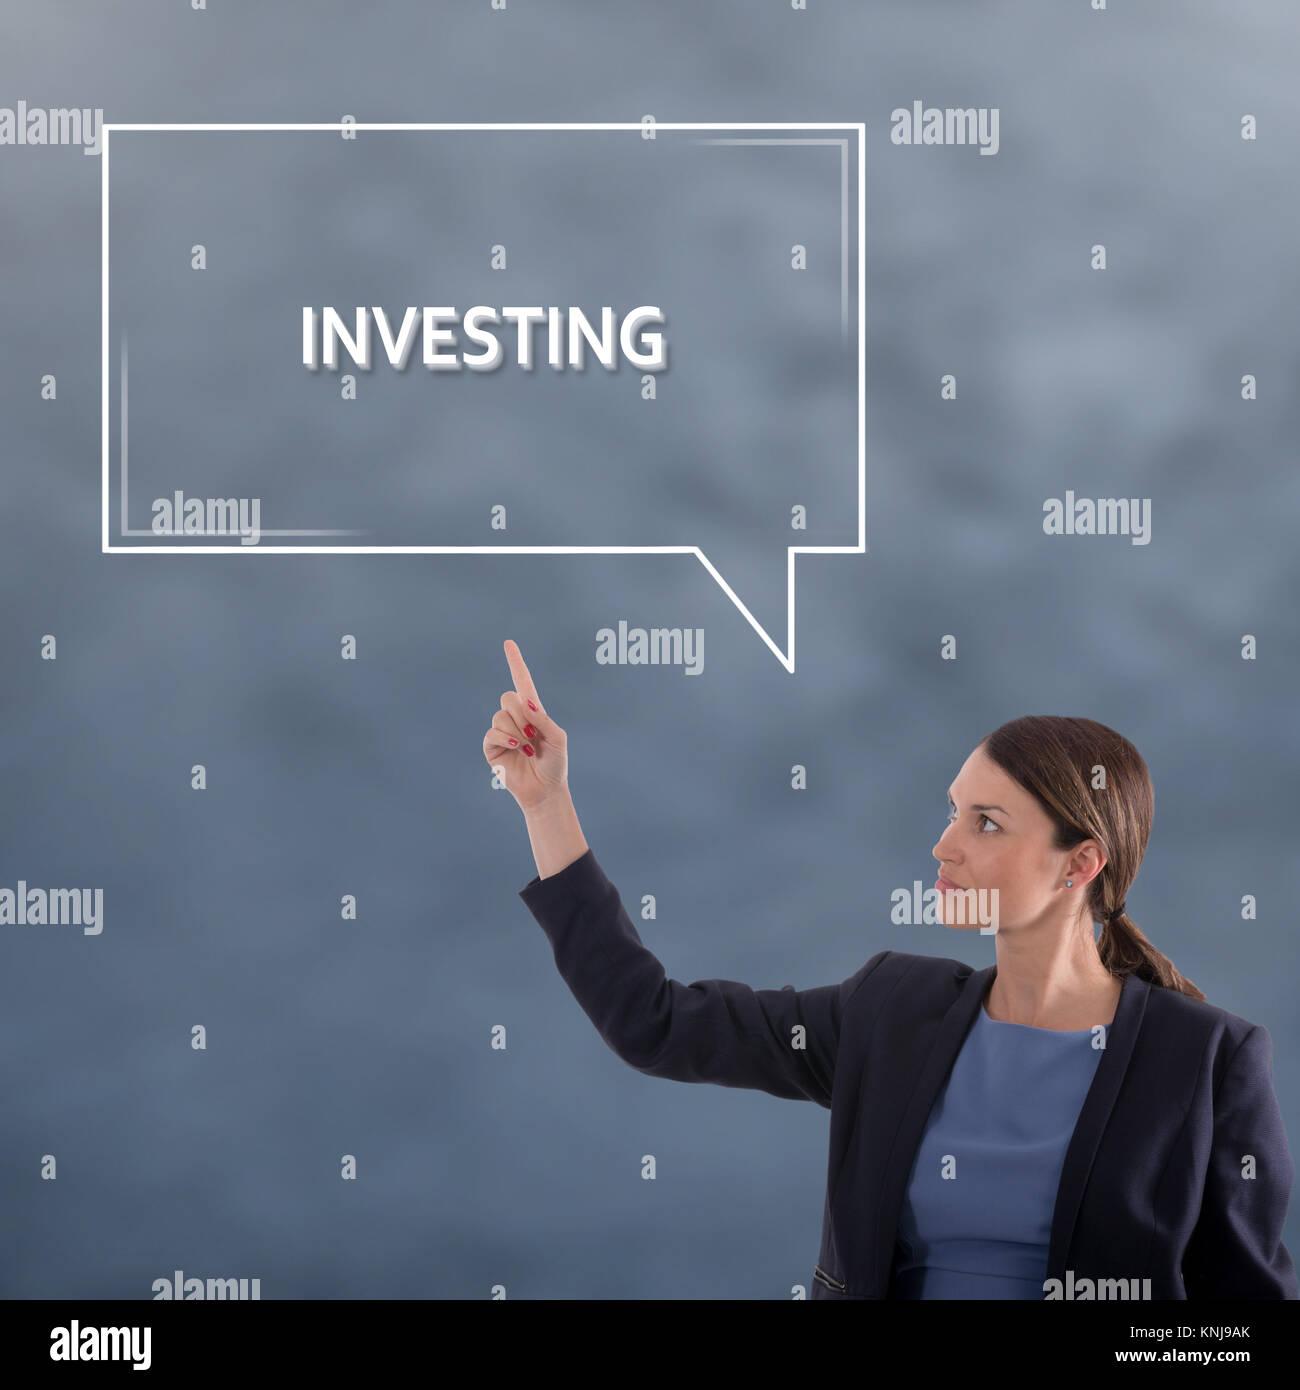 Investieren Business Konzept. Business Woman grafisches Konzept Stockfoto